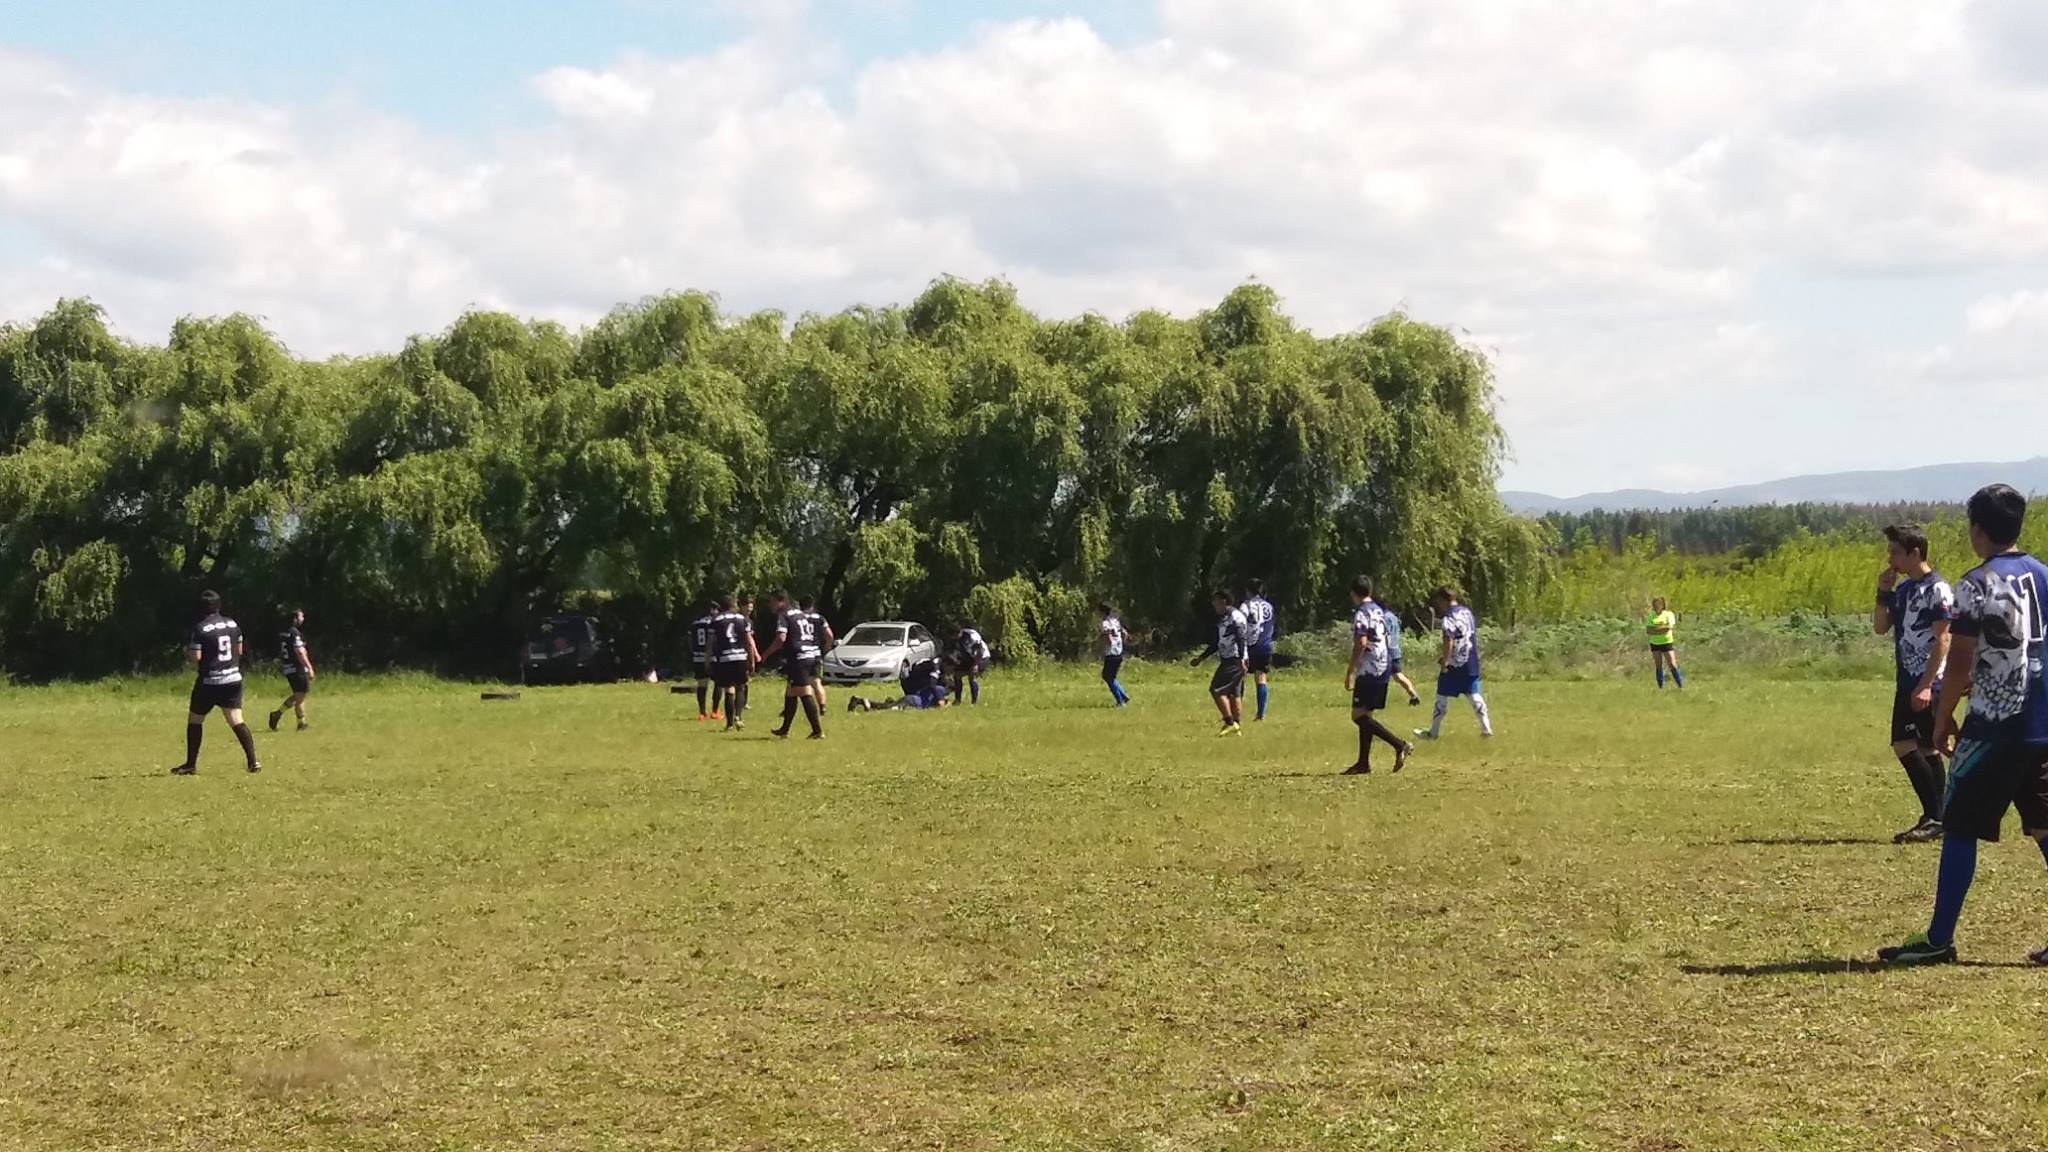 Fùtbol A 13 En Chile launch domestic competition